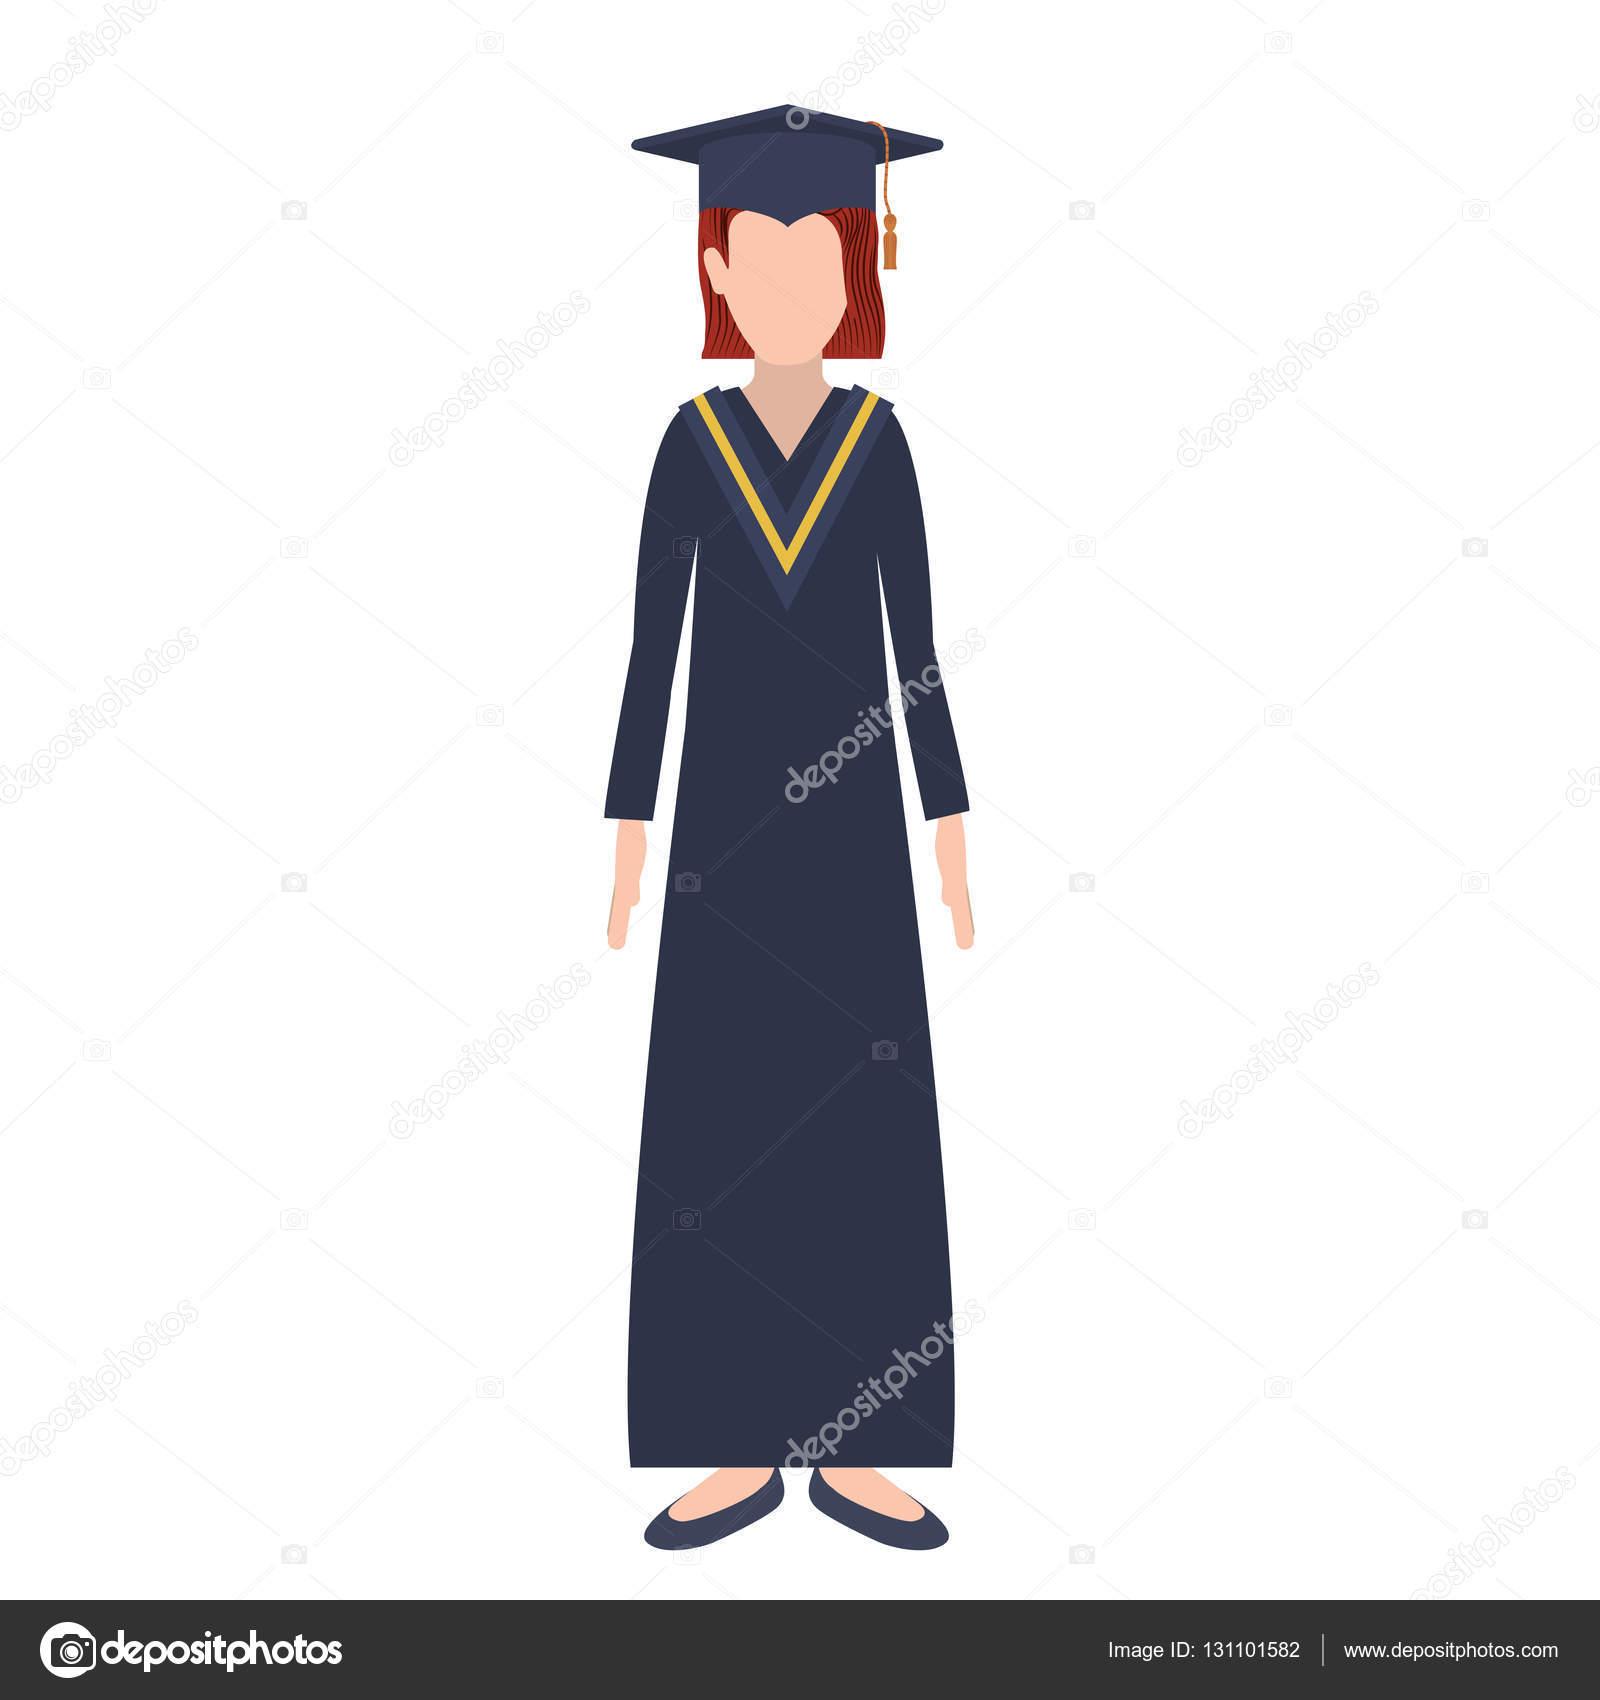 b44c1e3b5 Mujer de silueta con traje de graduación y redhair — Archivo Imágenes  Vectoriales